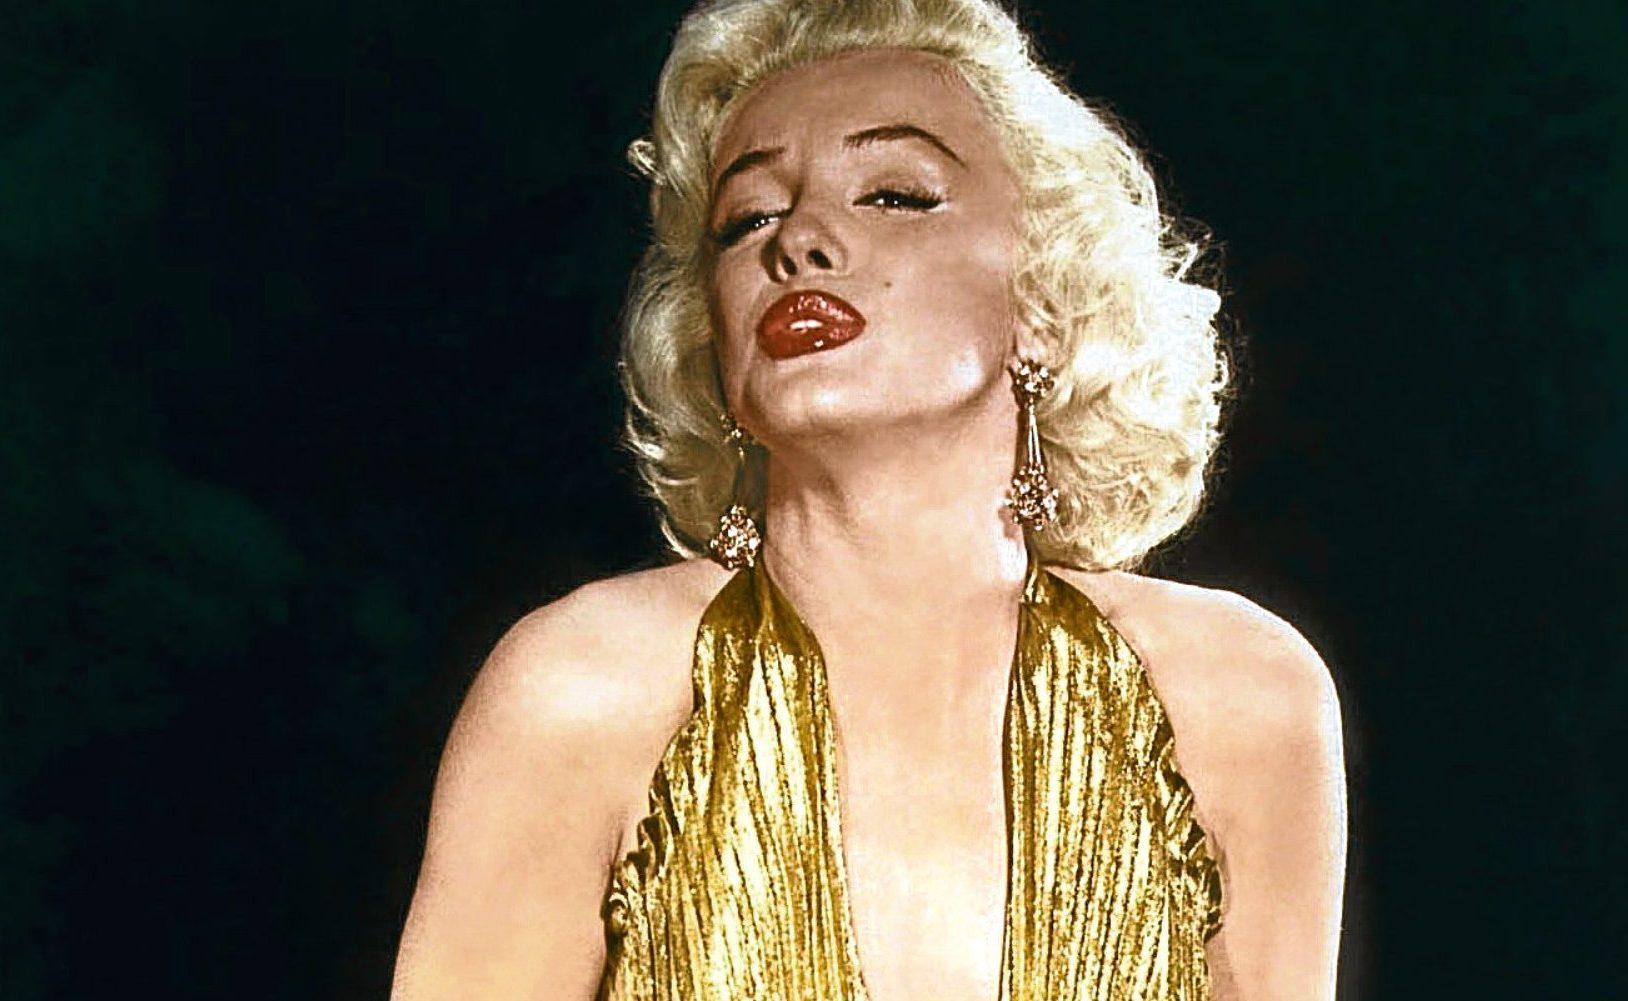 Marilyn Monroe (Allstar/Cinetext)